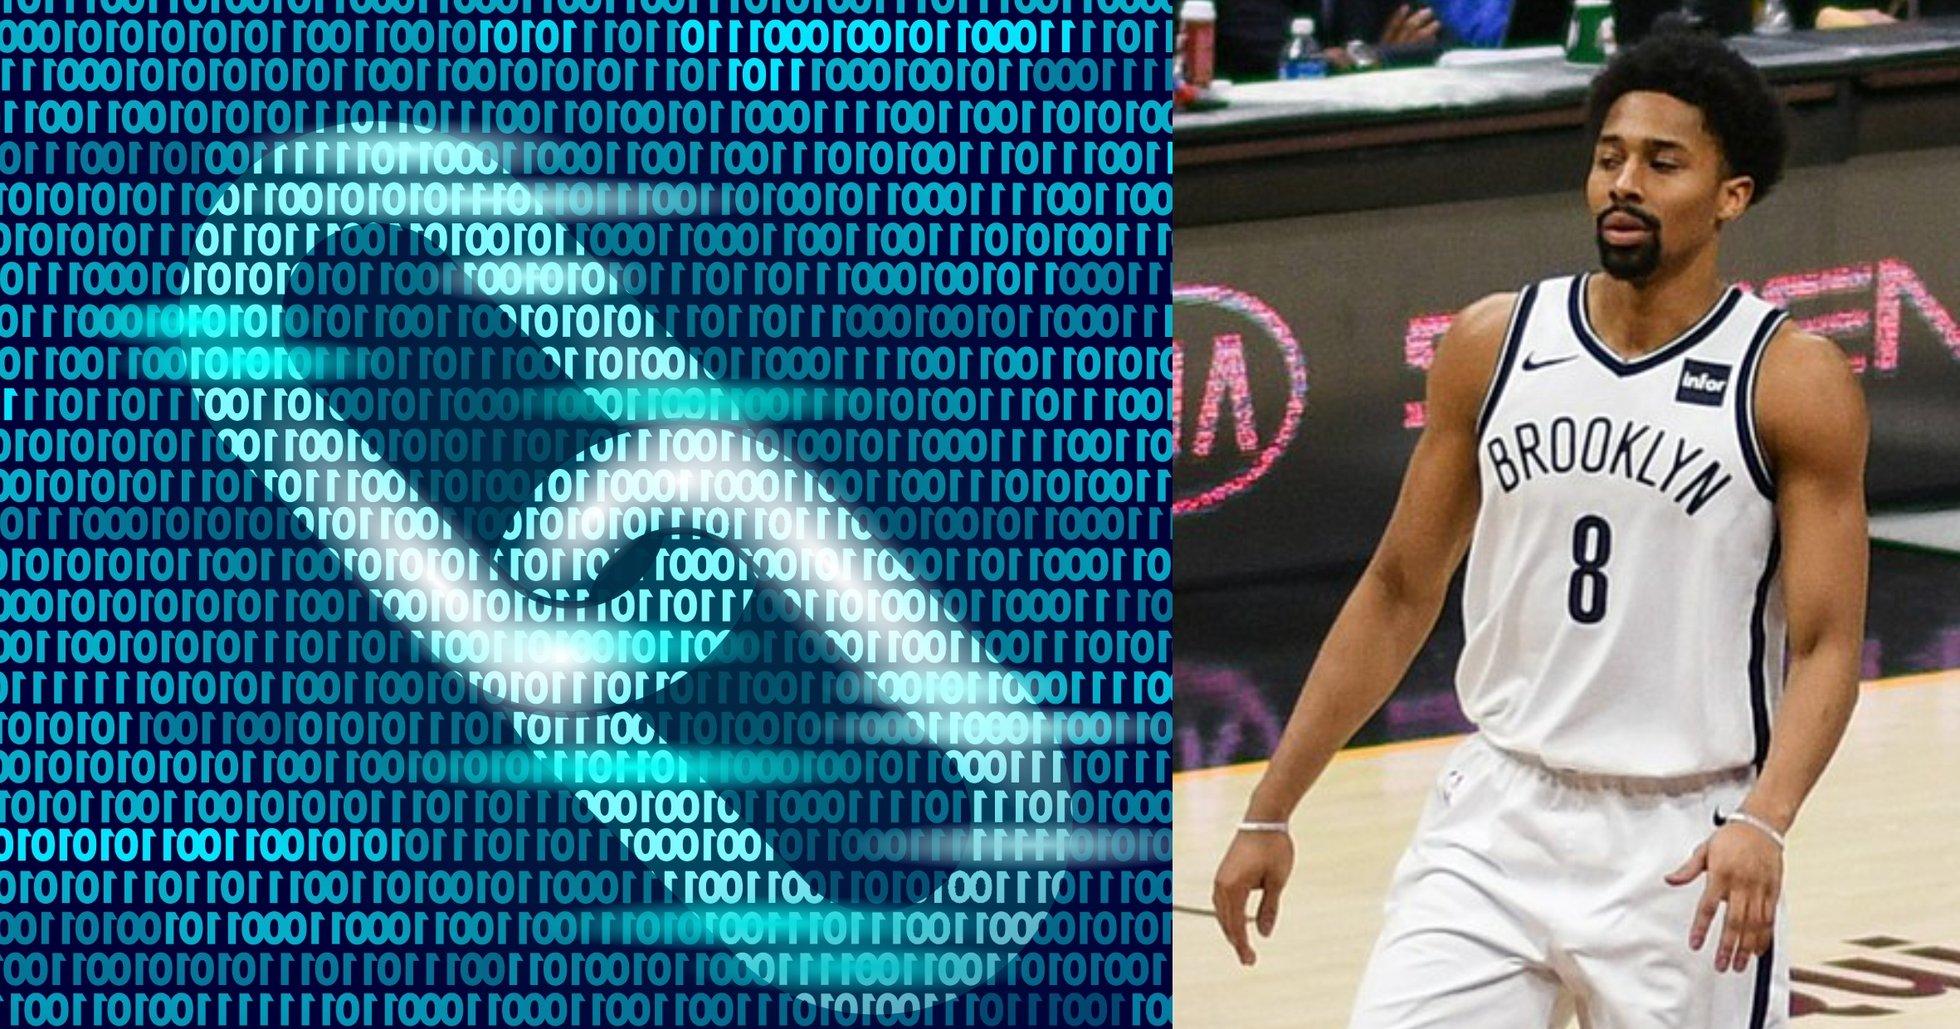 Nu kan du investera i en basketspelares karriär – via blockkedjan